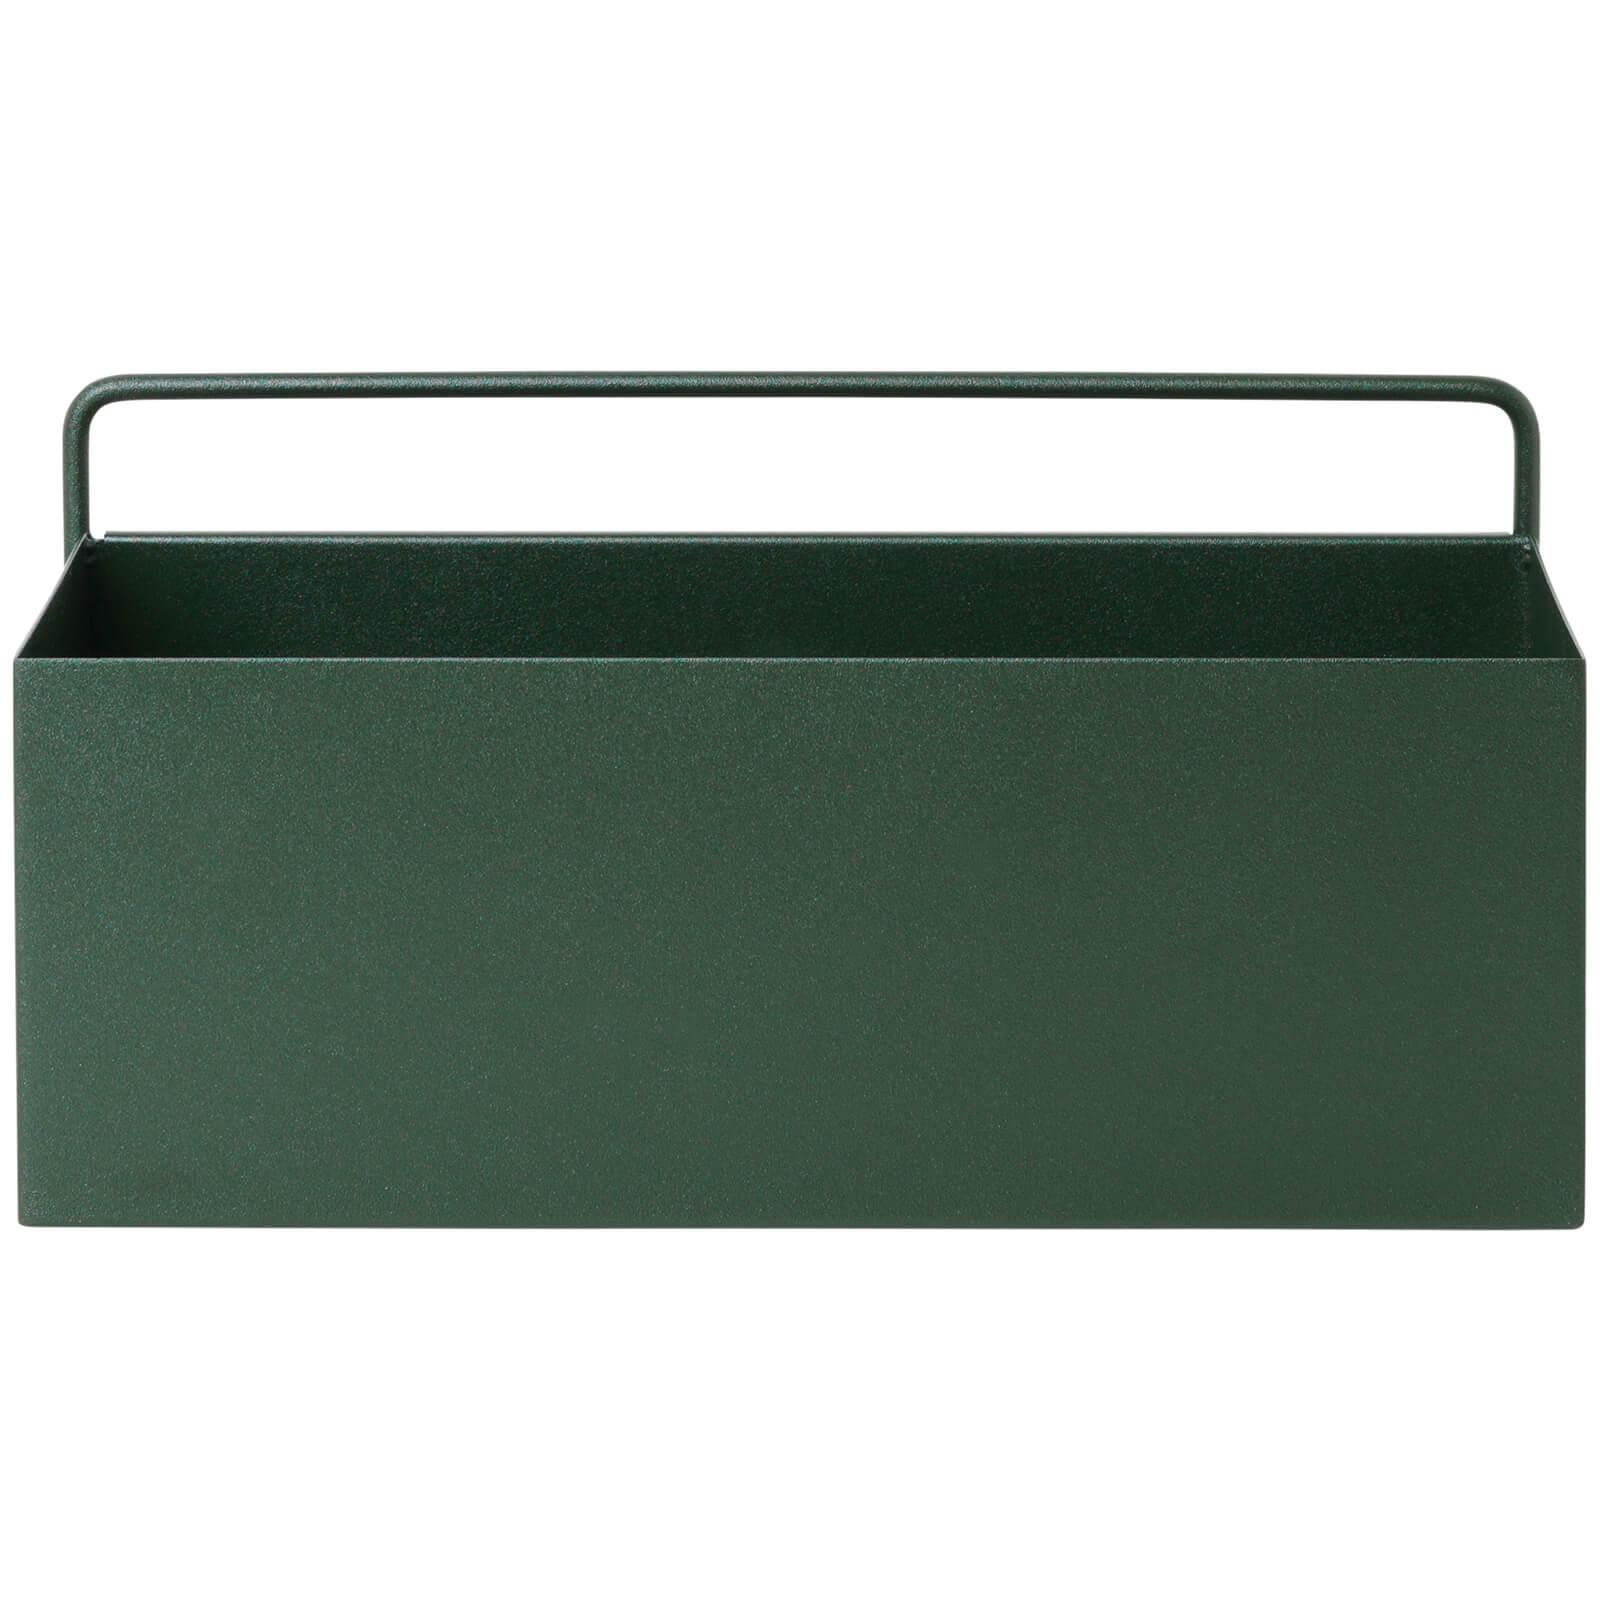 Ferm Living Wall Box - Rectangle - Dark Green